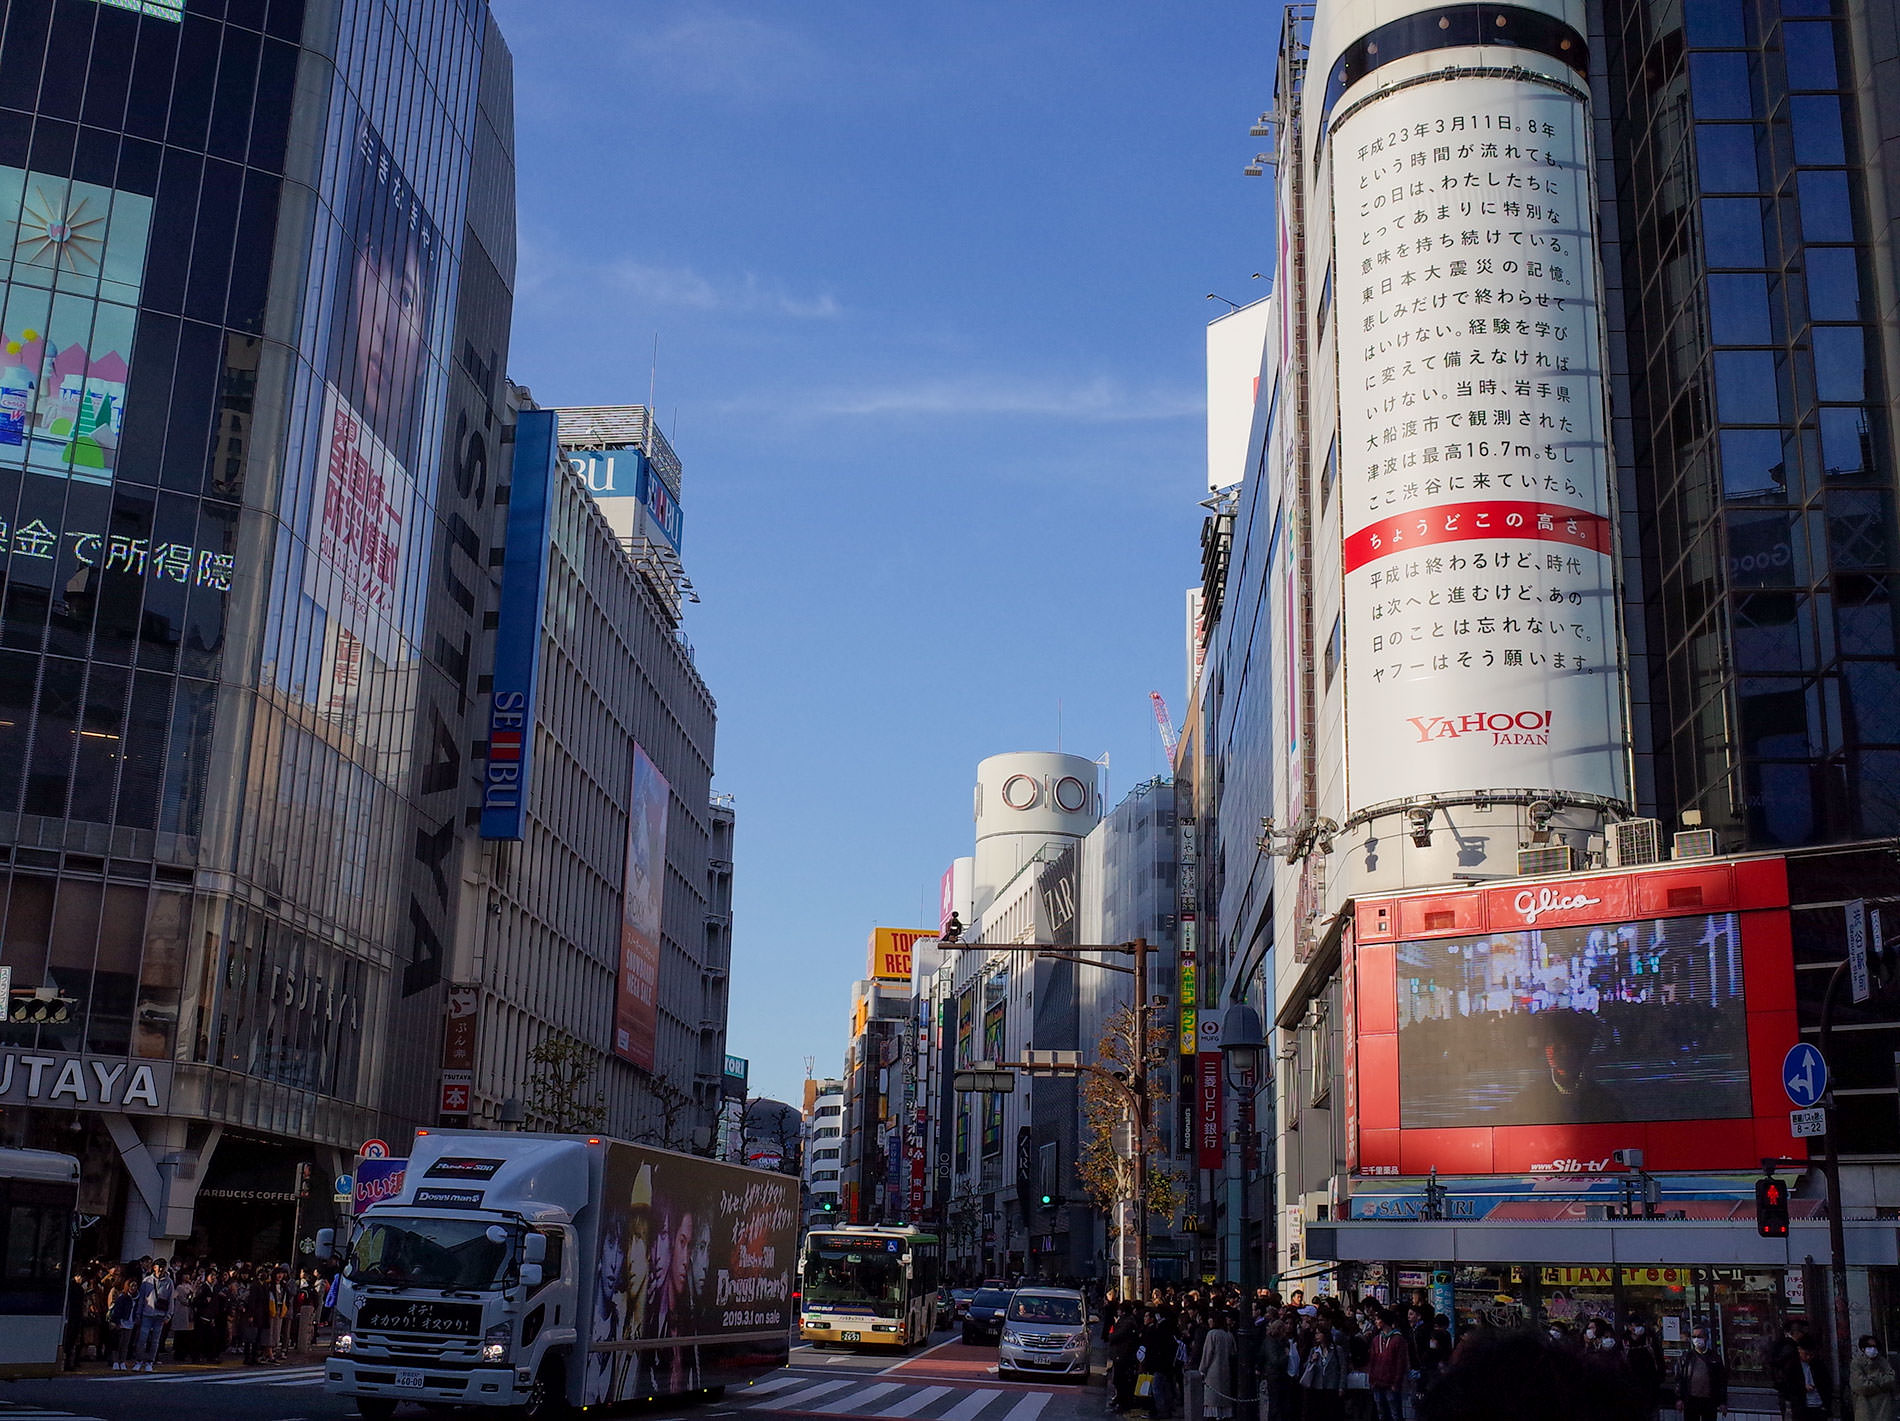 ヤフー広告 / 渋谷スクランブル交差点 / 2019